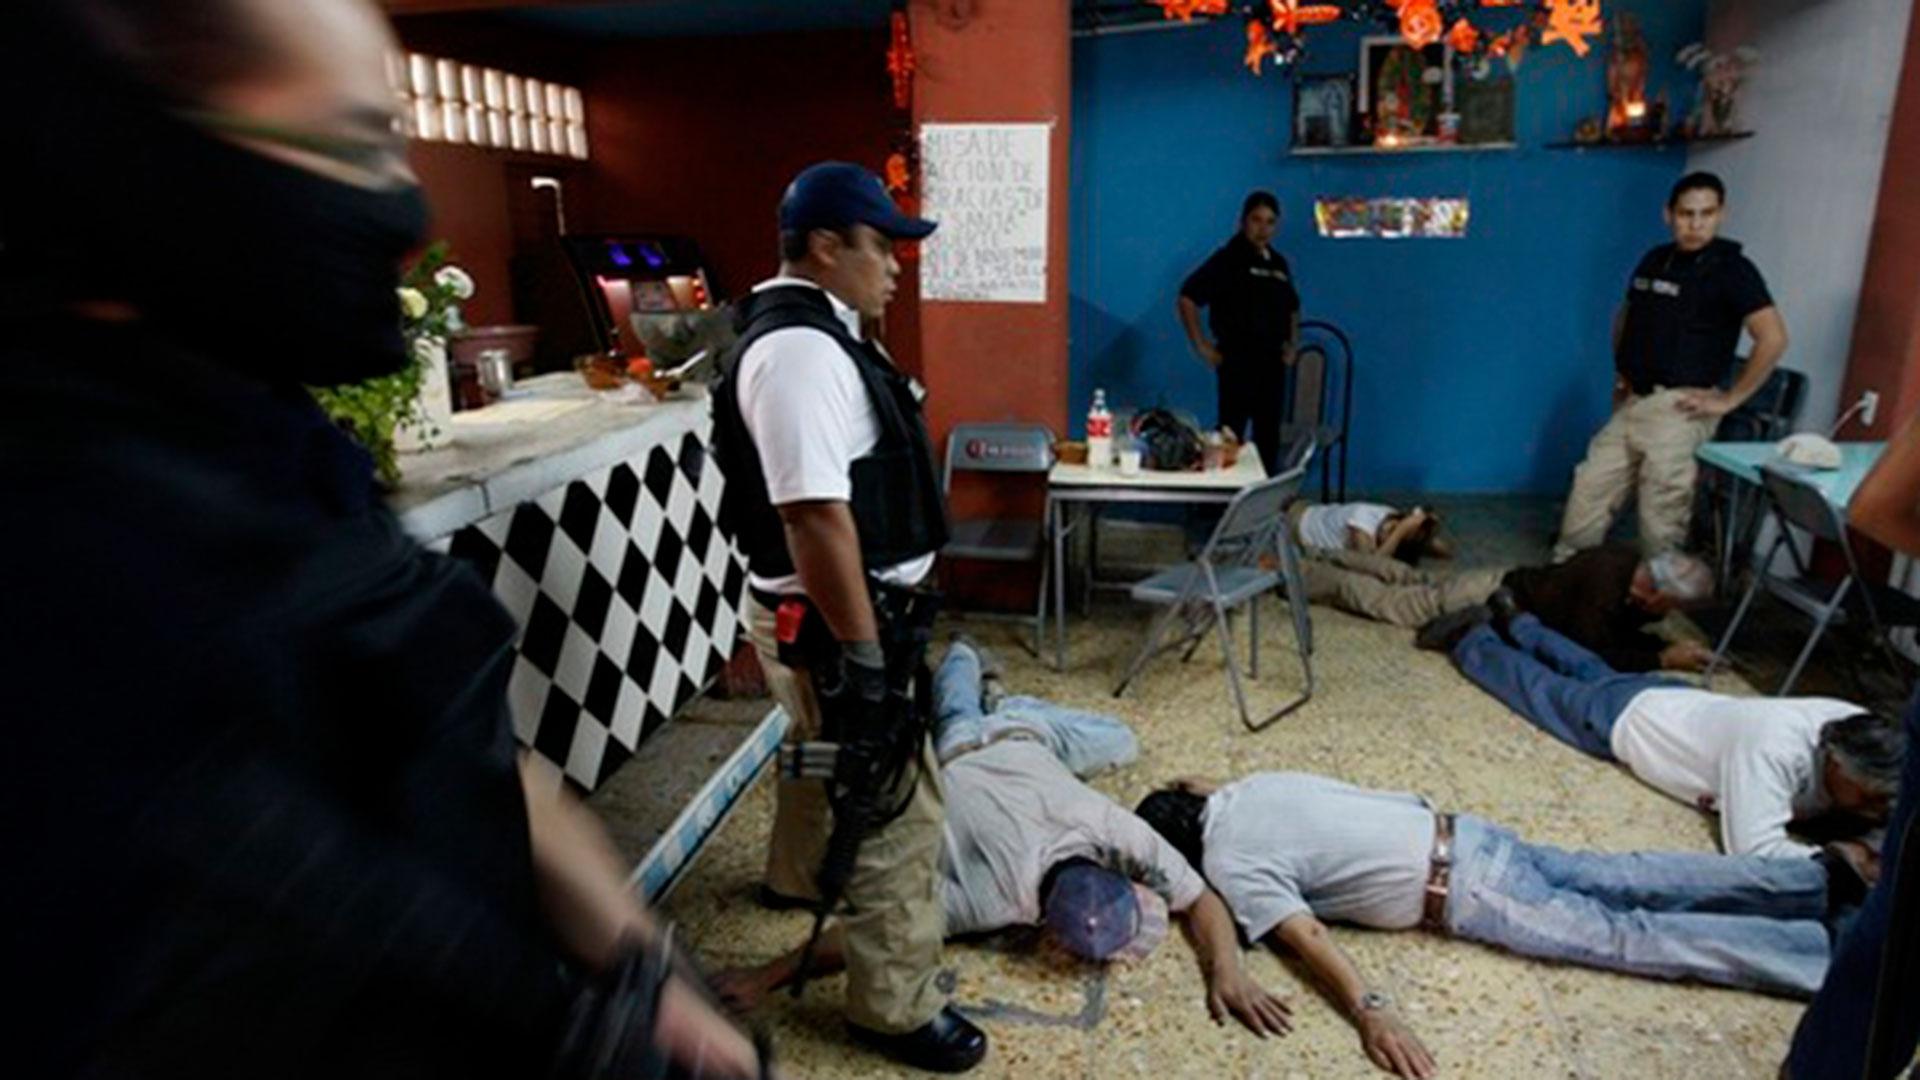 Los Zetas es el cártel más violento de México